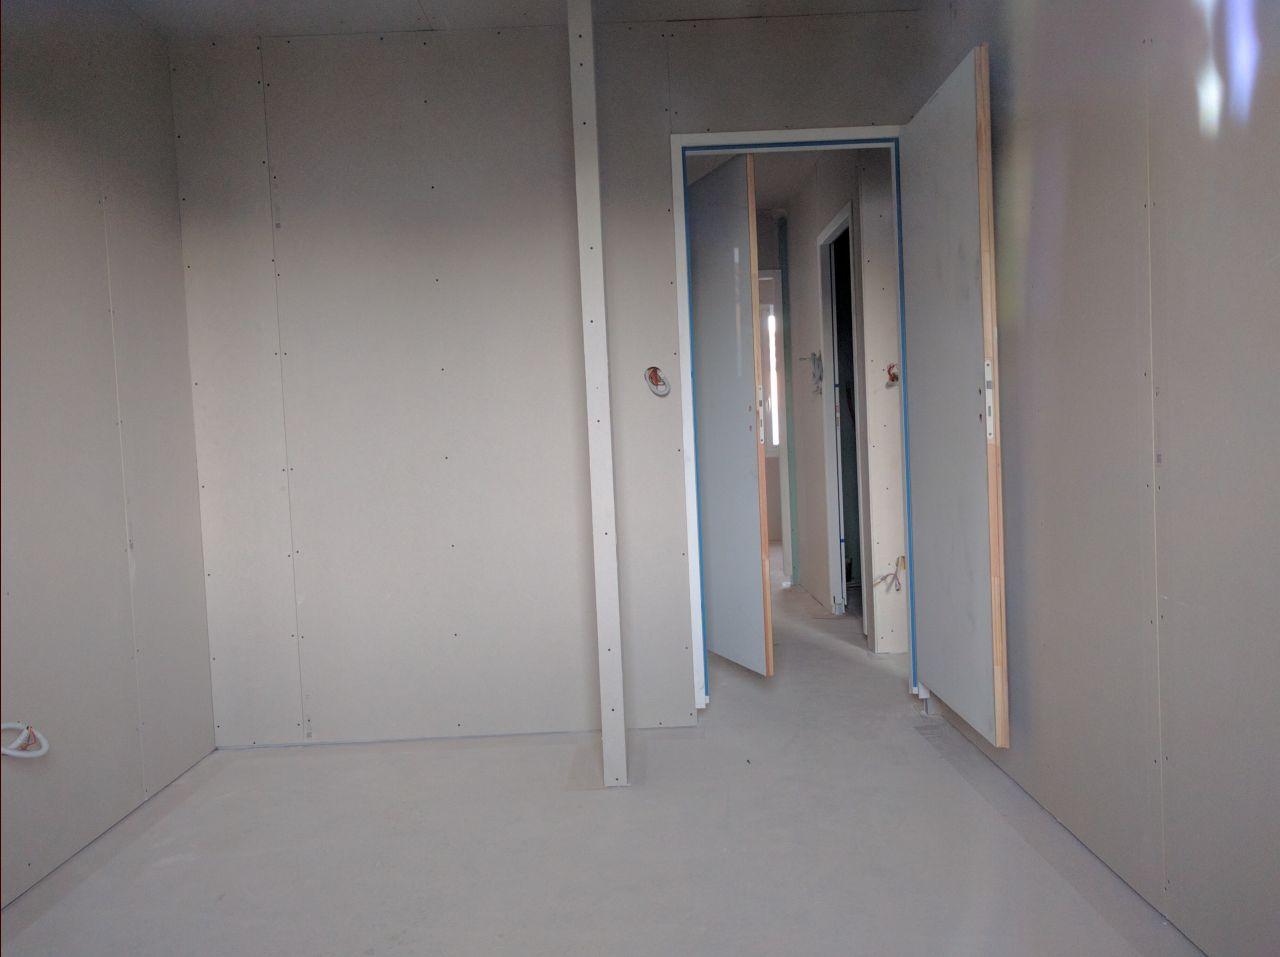 La porte du cellier ne s'ouvre pas entièrement et bloque la circulation dans le dégagement